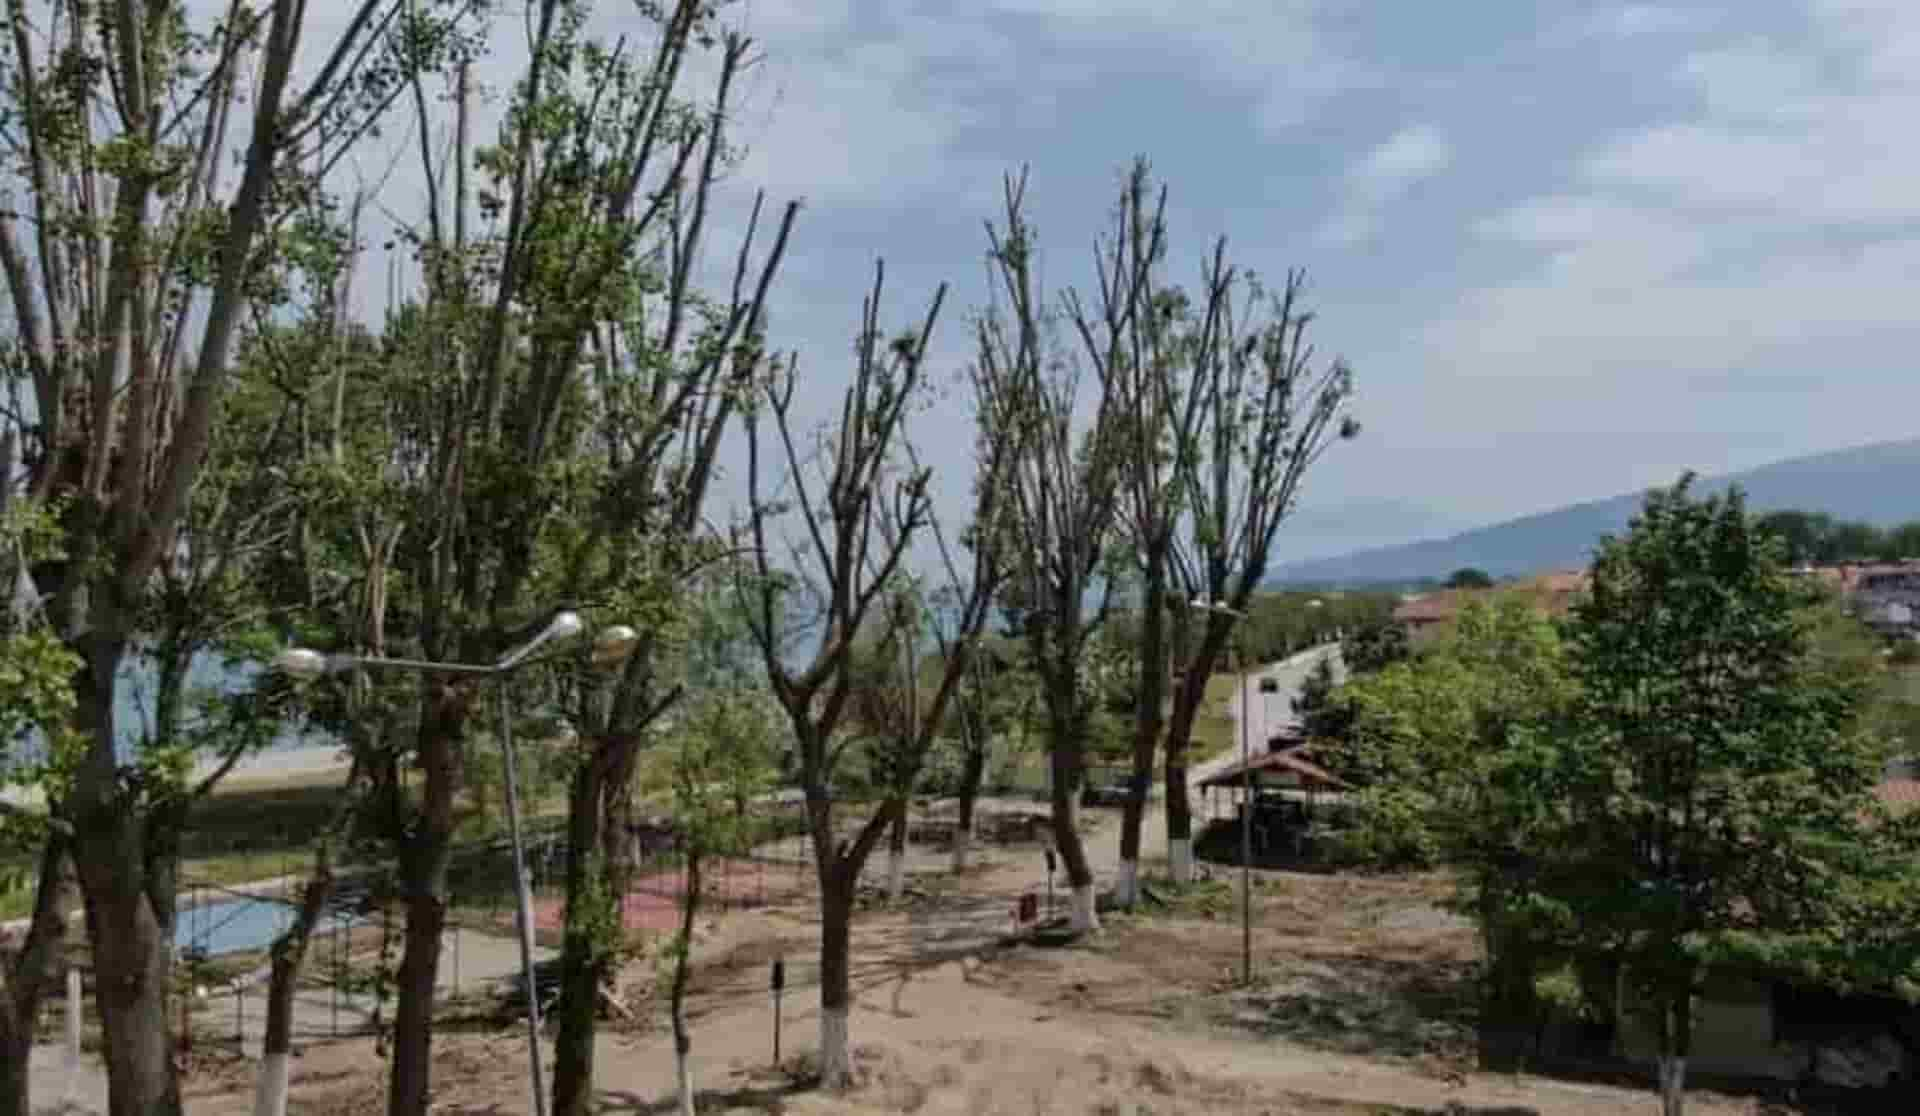 κοπή του επικίνδυνου δέντρου Θεσσαλονίκη Μακεδονία Χαλκιδική Μακεδονία